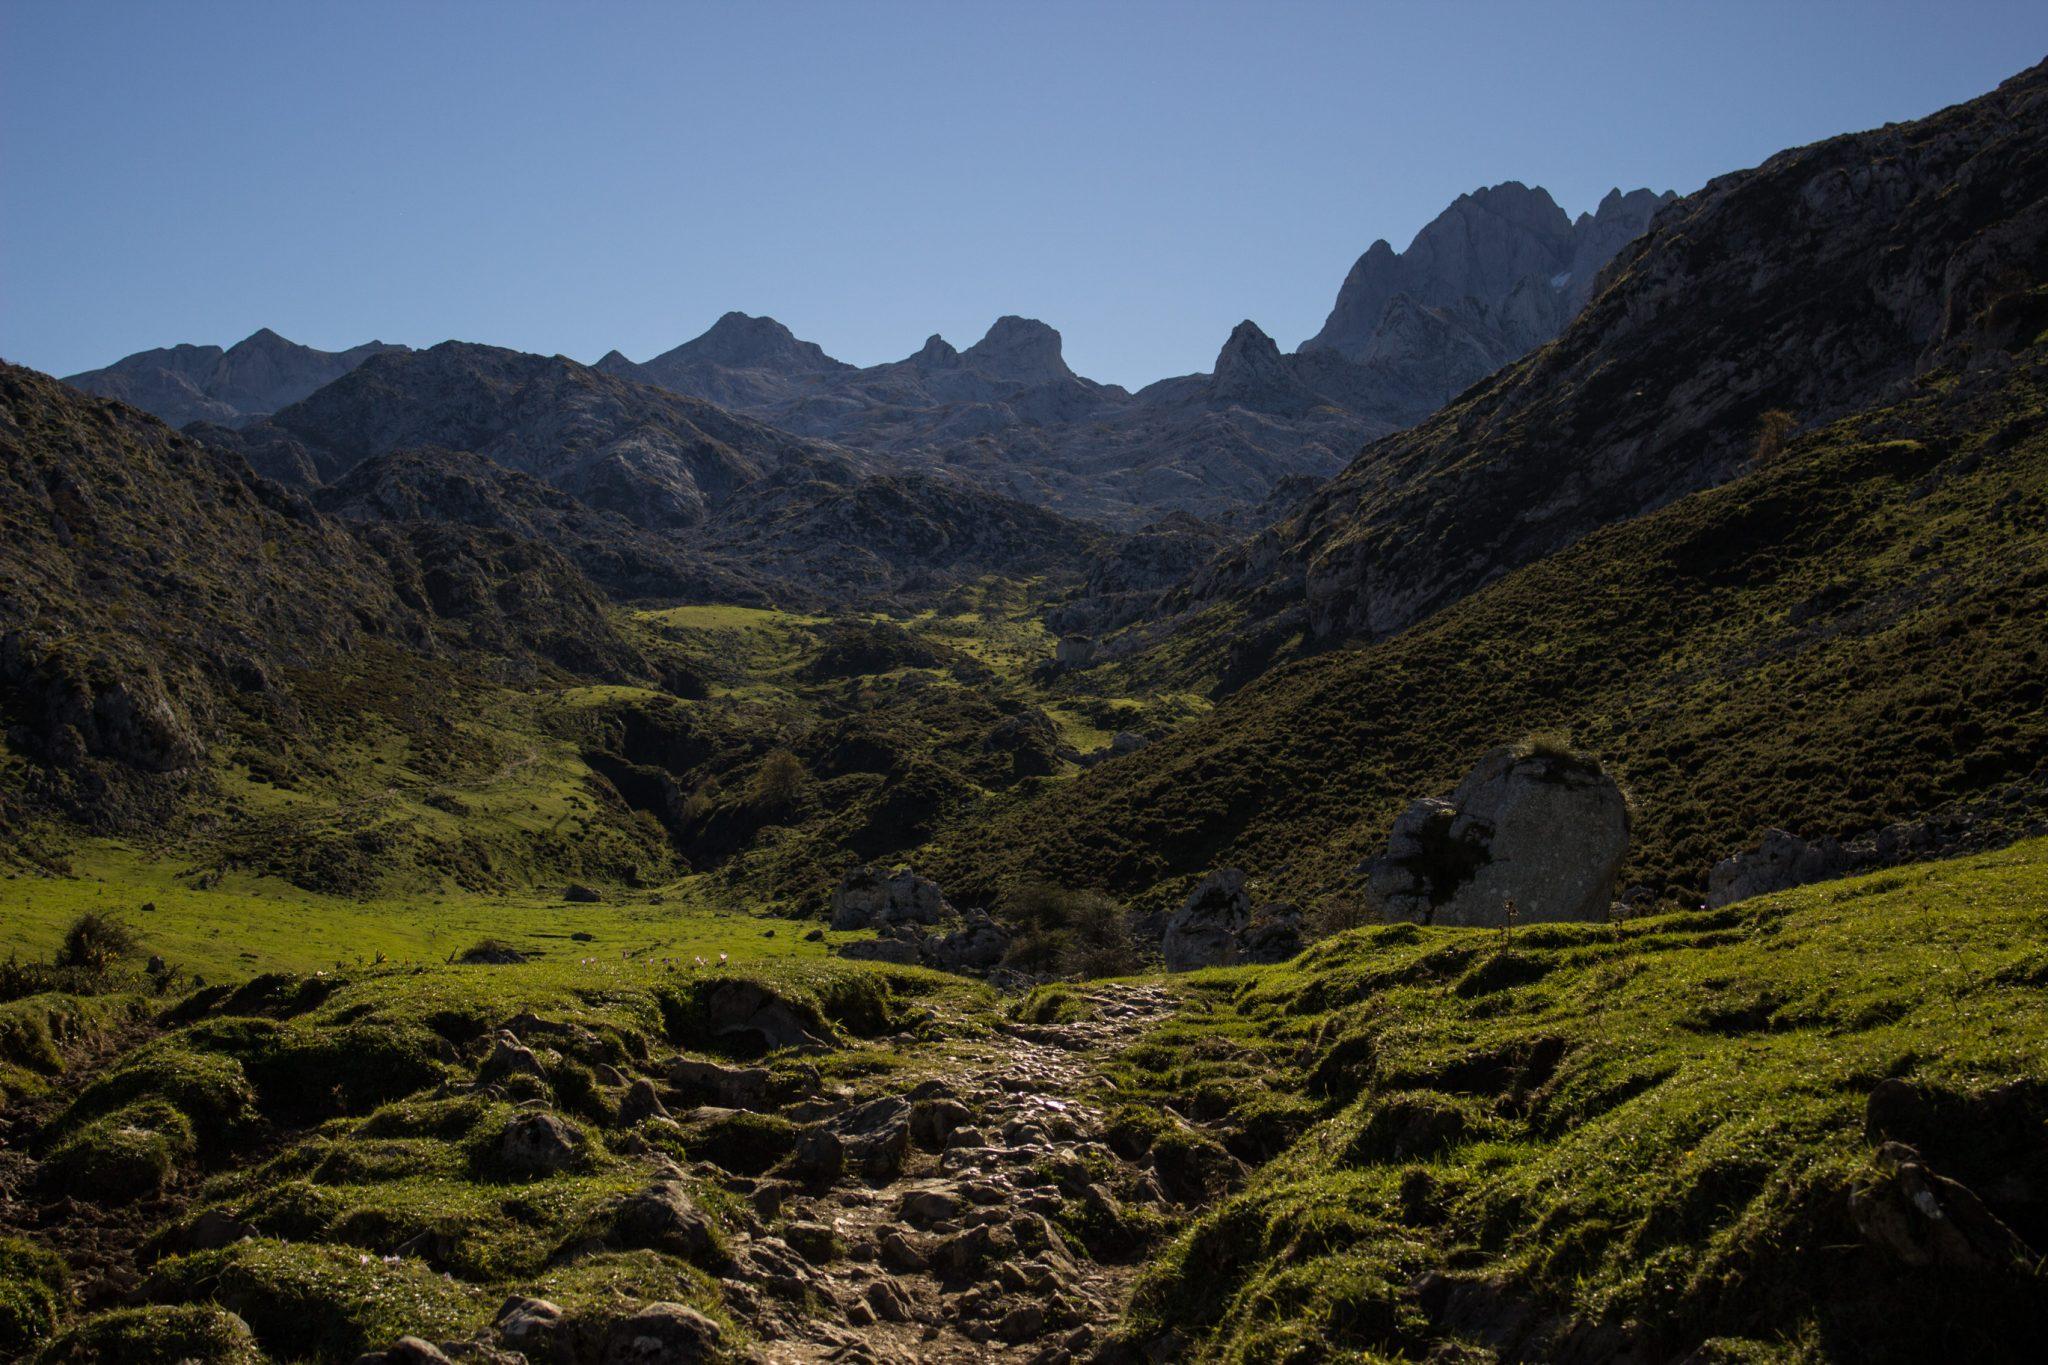 Wanderung Mirador de Ordiales Picos de Europa Spanien, Valley, Aussicht auf schöne Berge, Tal, Wanderweg zum Aussichtspunkt Mirador de Ordiales